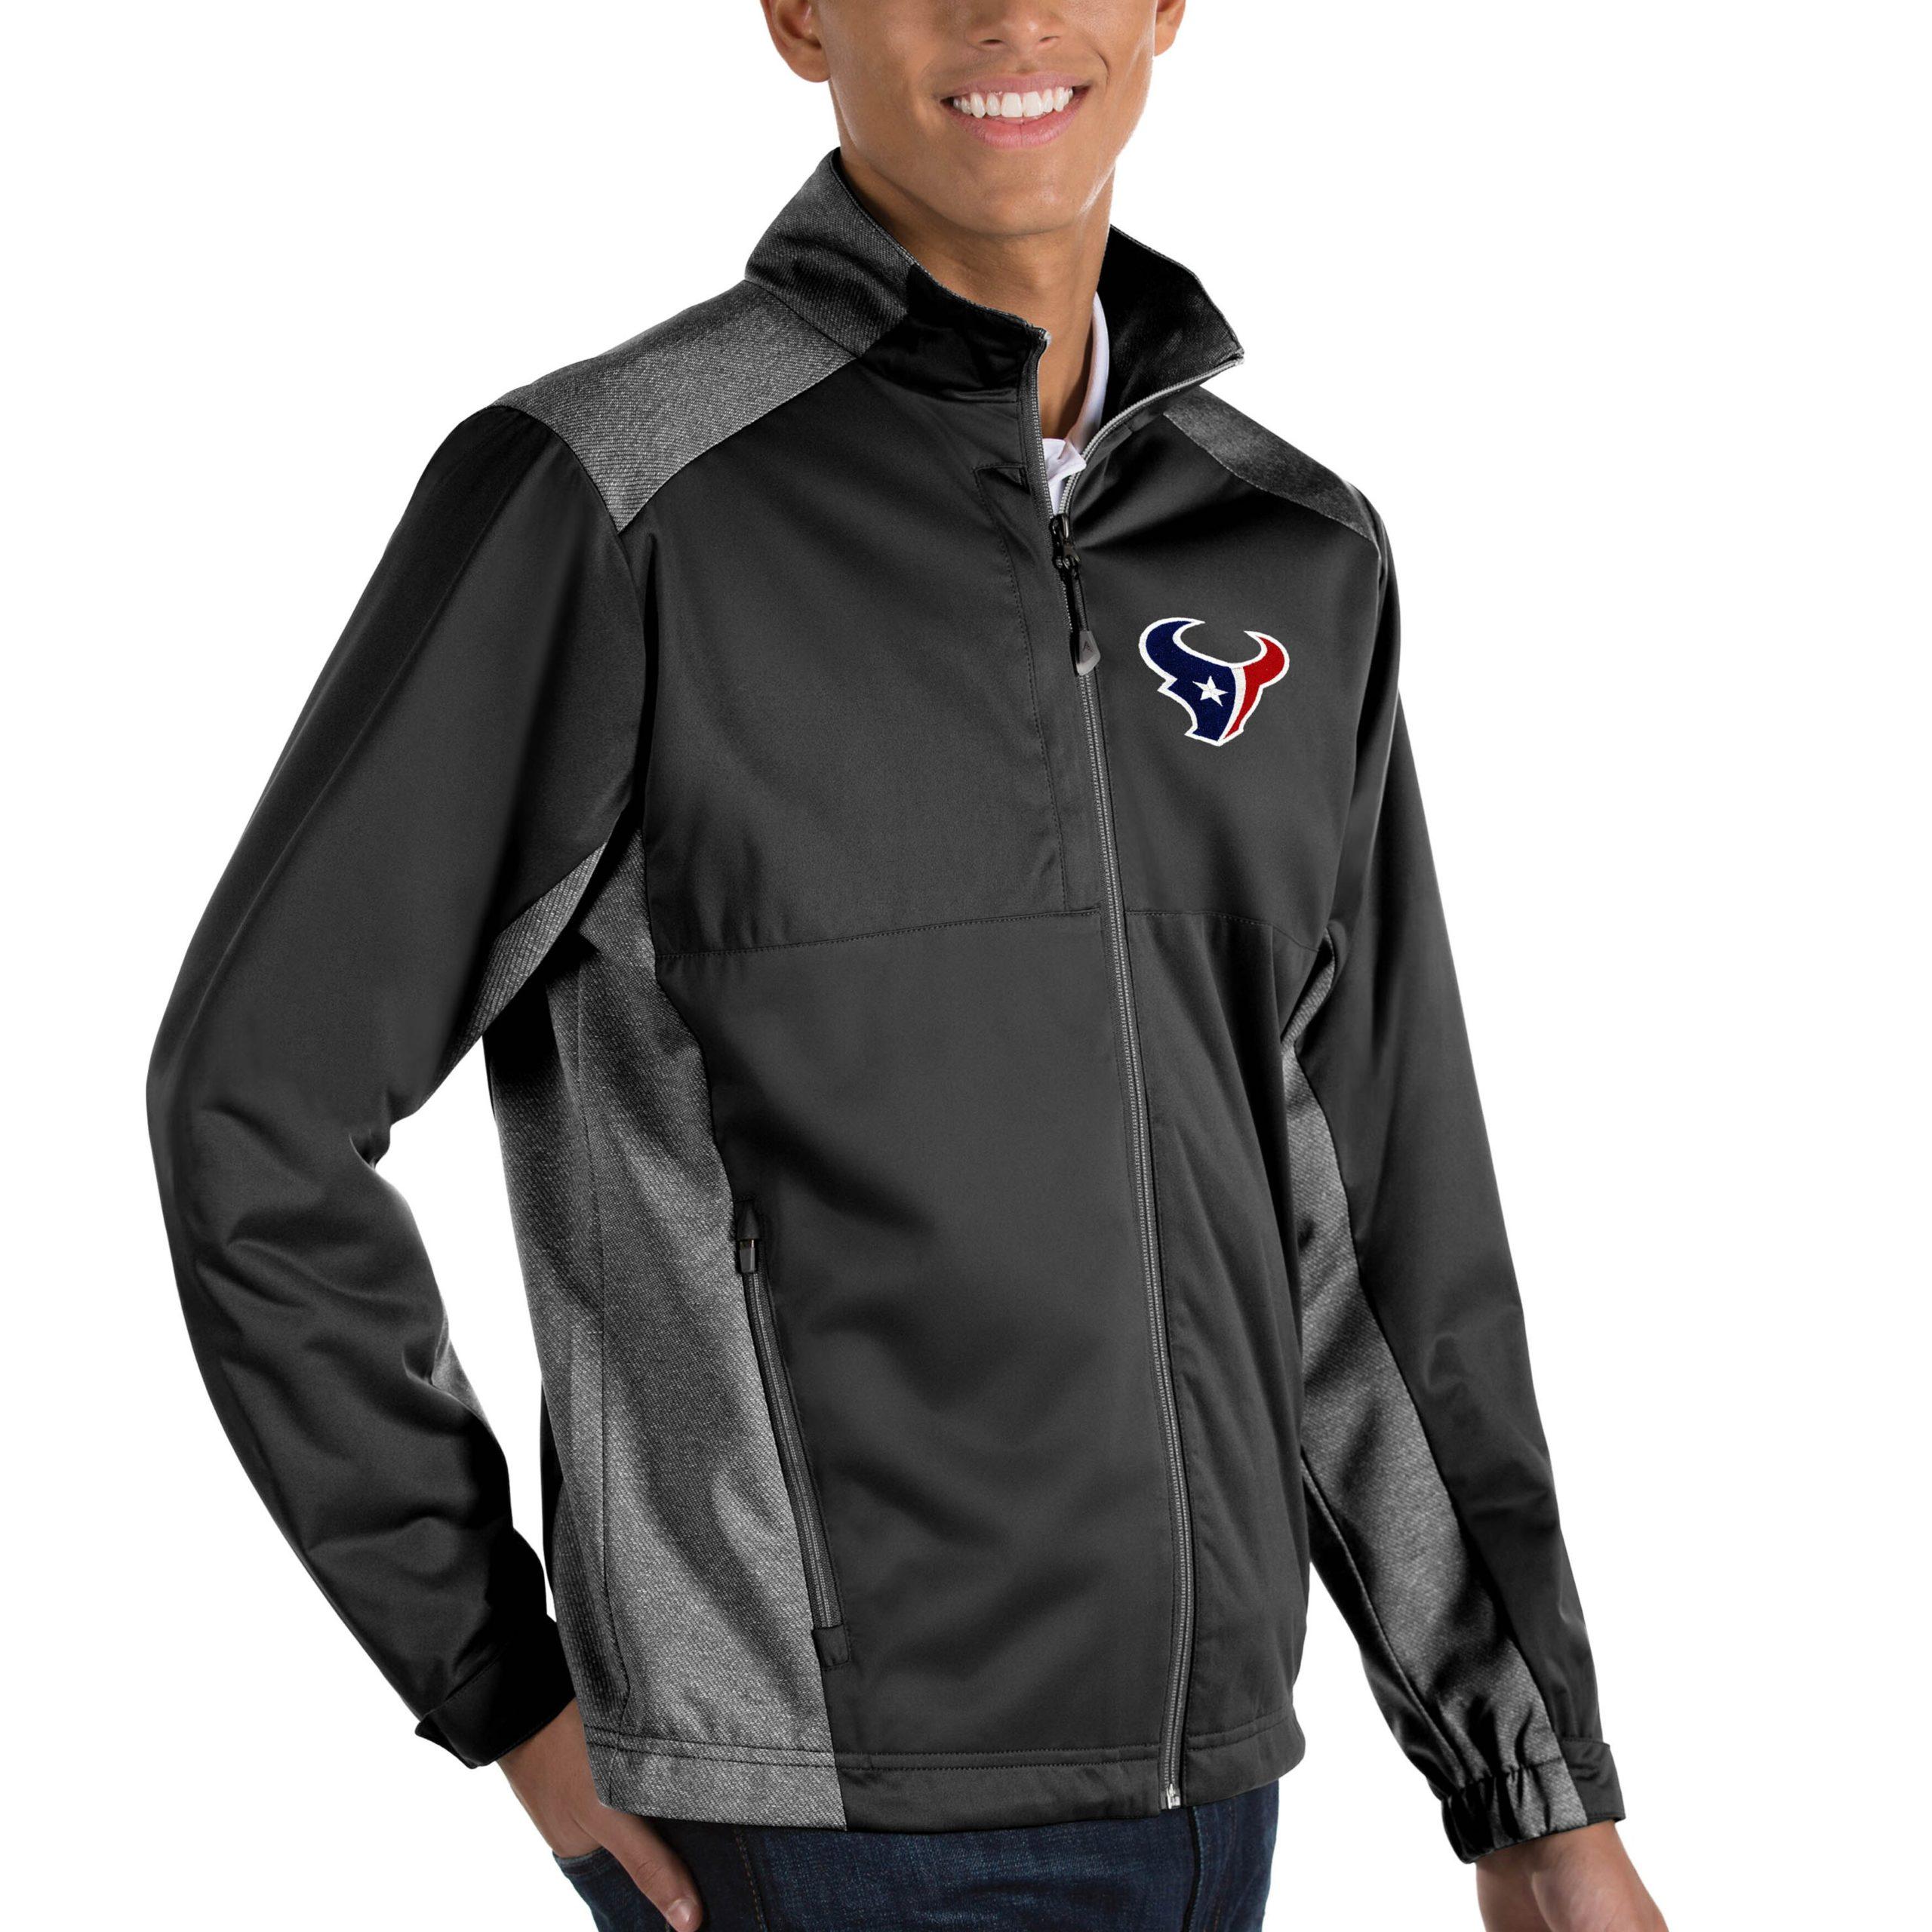 Houston Texans Antigua Revolve Big & Tall Full-Zip Jacket - Heather Black